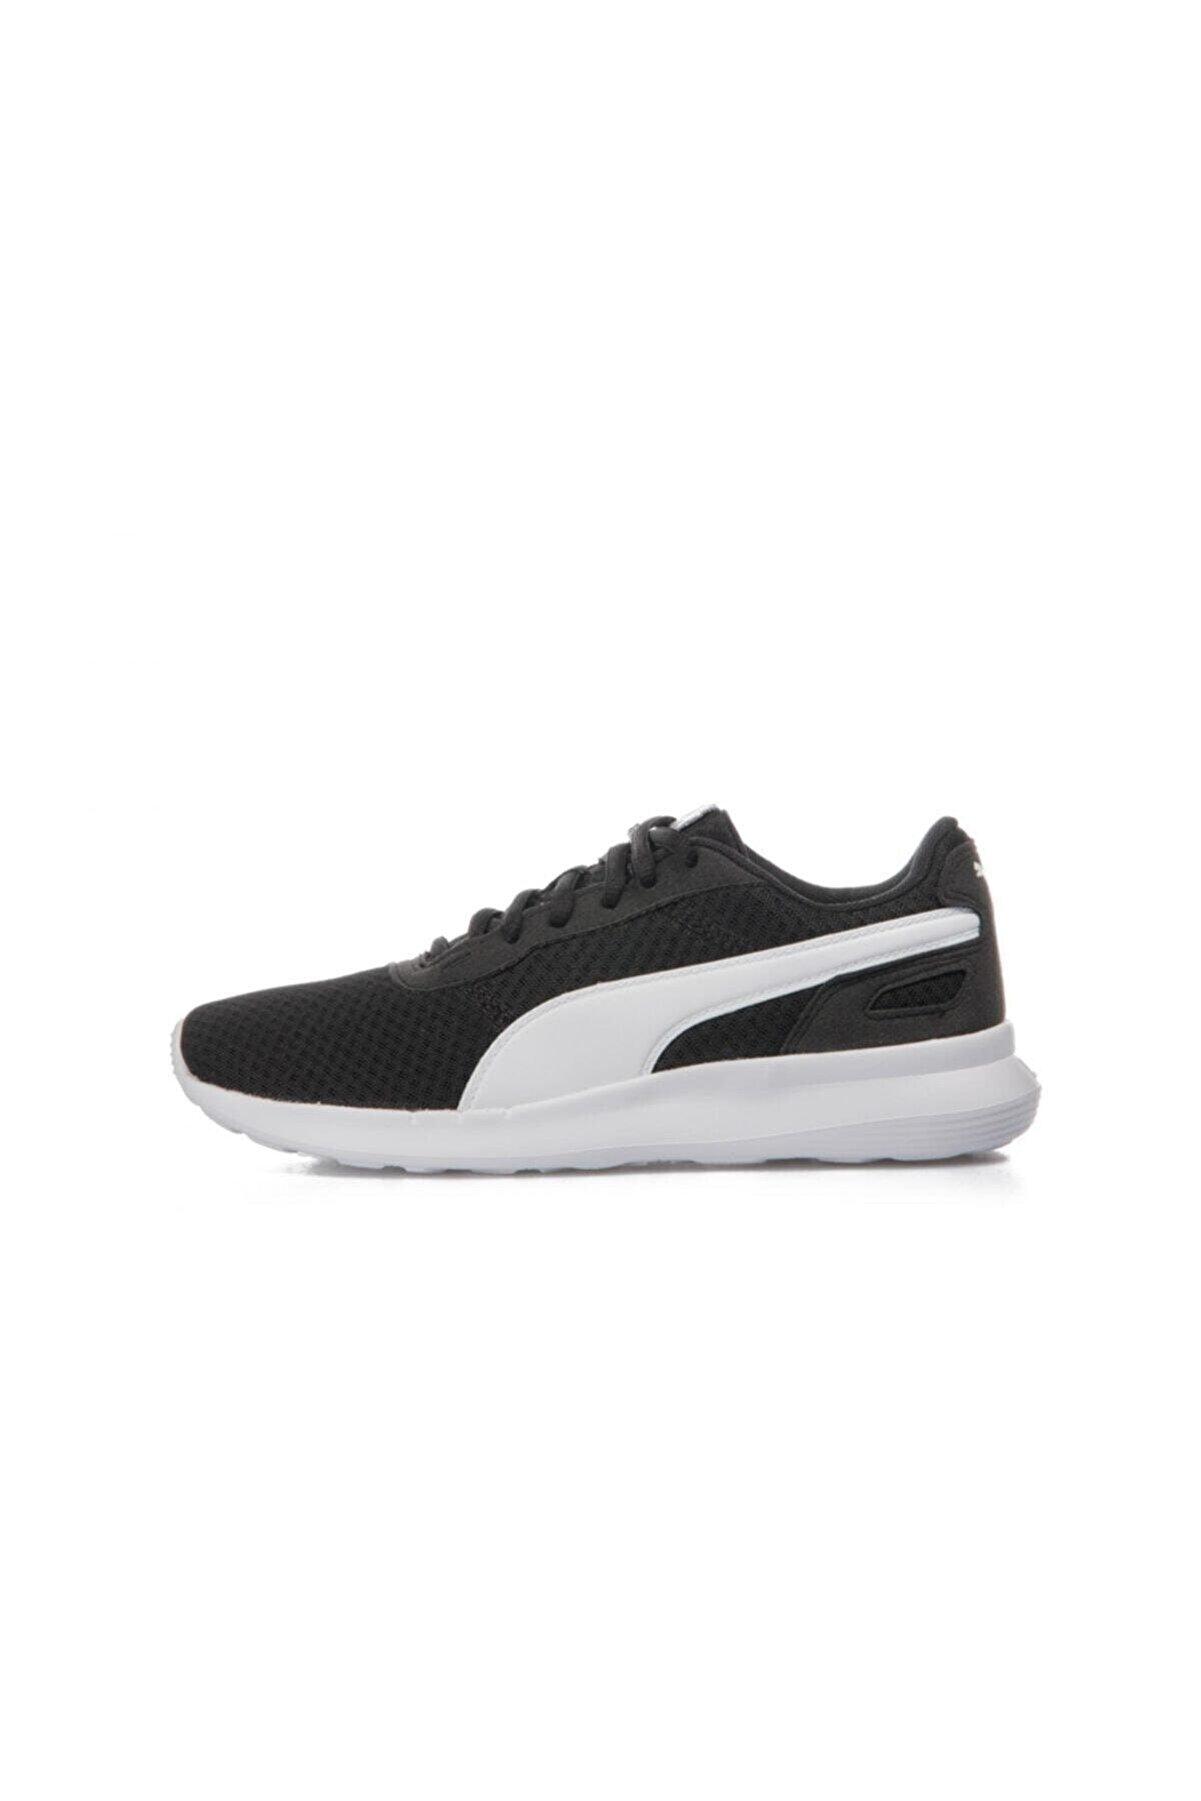 Puma St Activate Jr Siyah Beyaz Unisex Çocuk Sneaker Ayakkabı 100415214